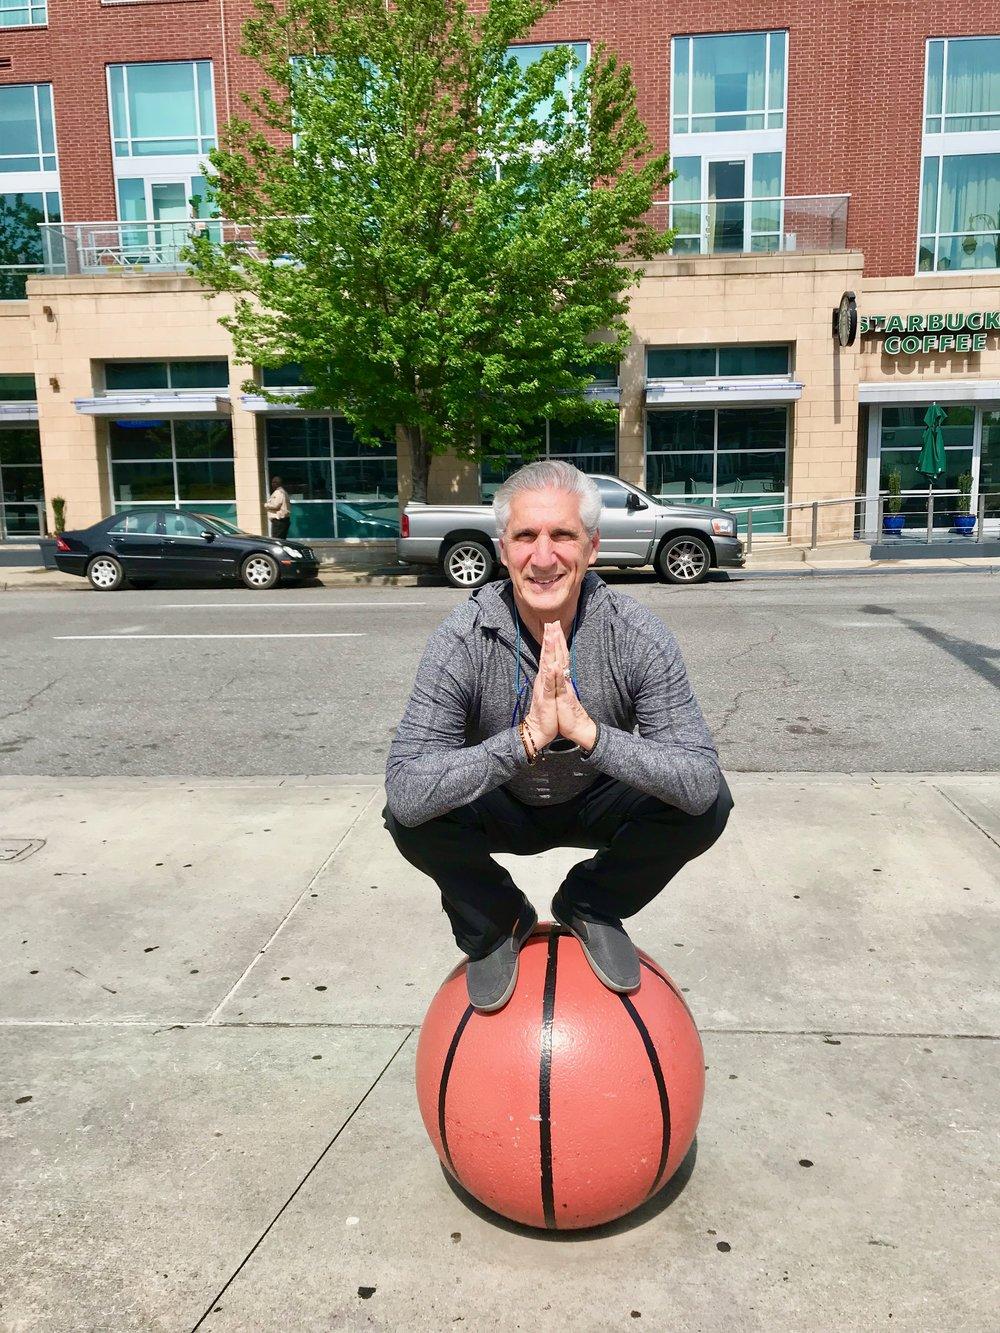 Squat Pose in Namaste on Basketball.jpg